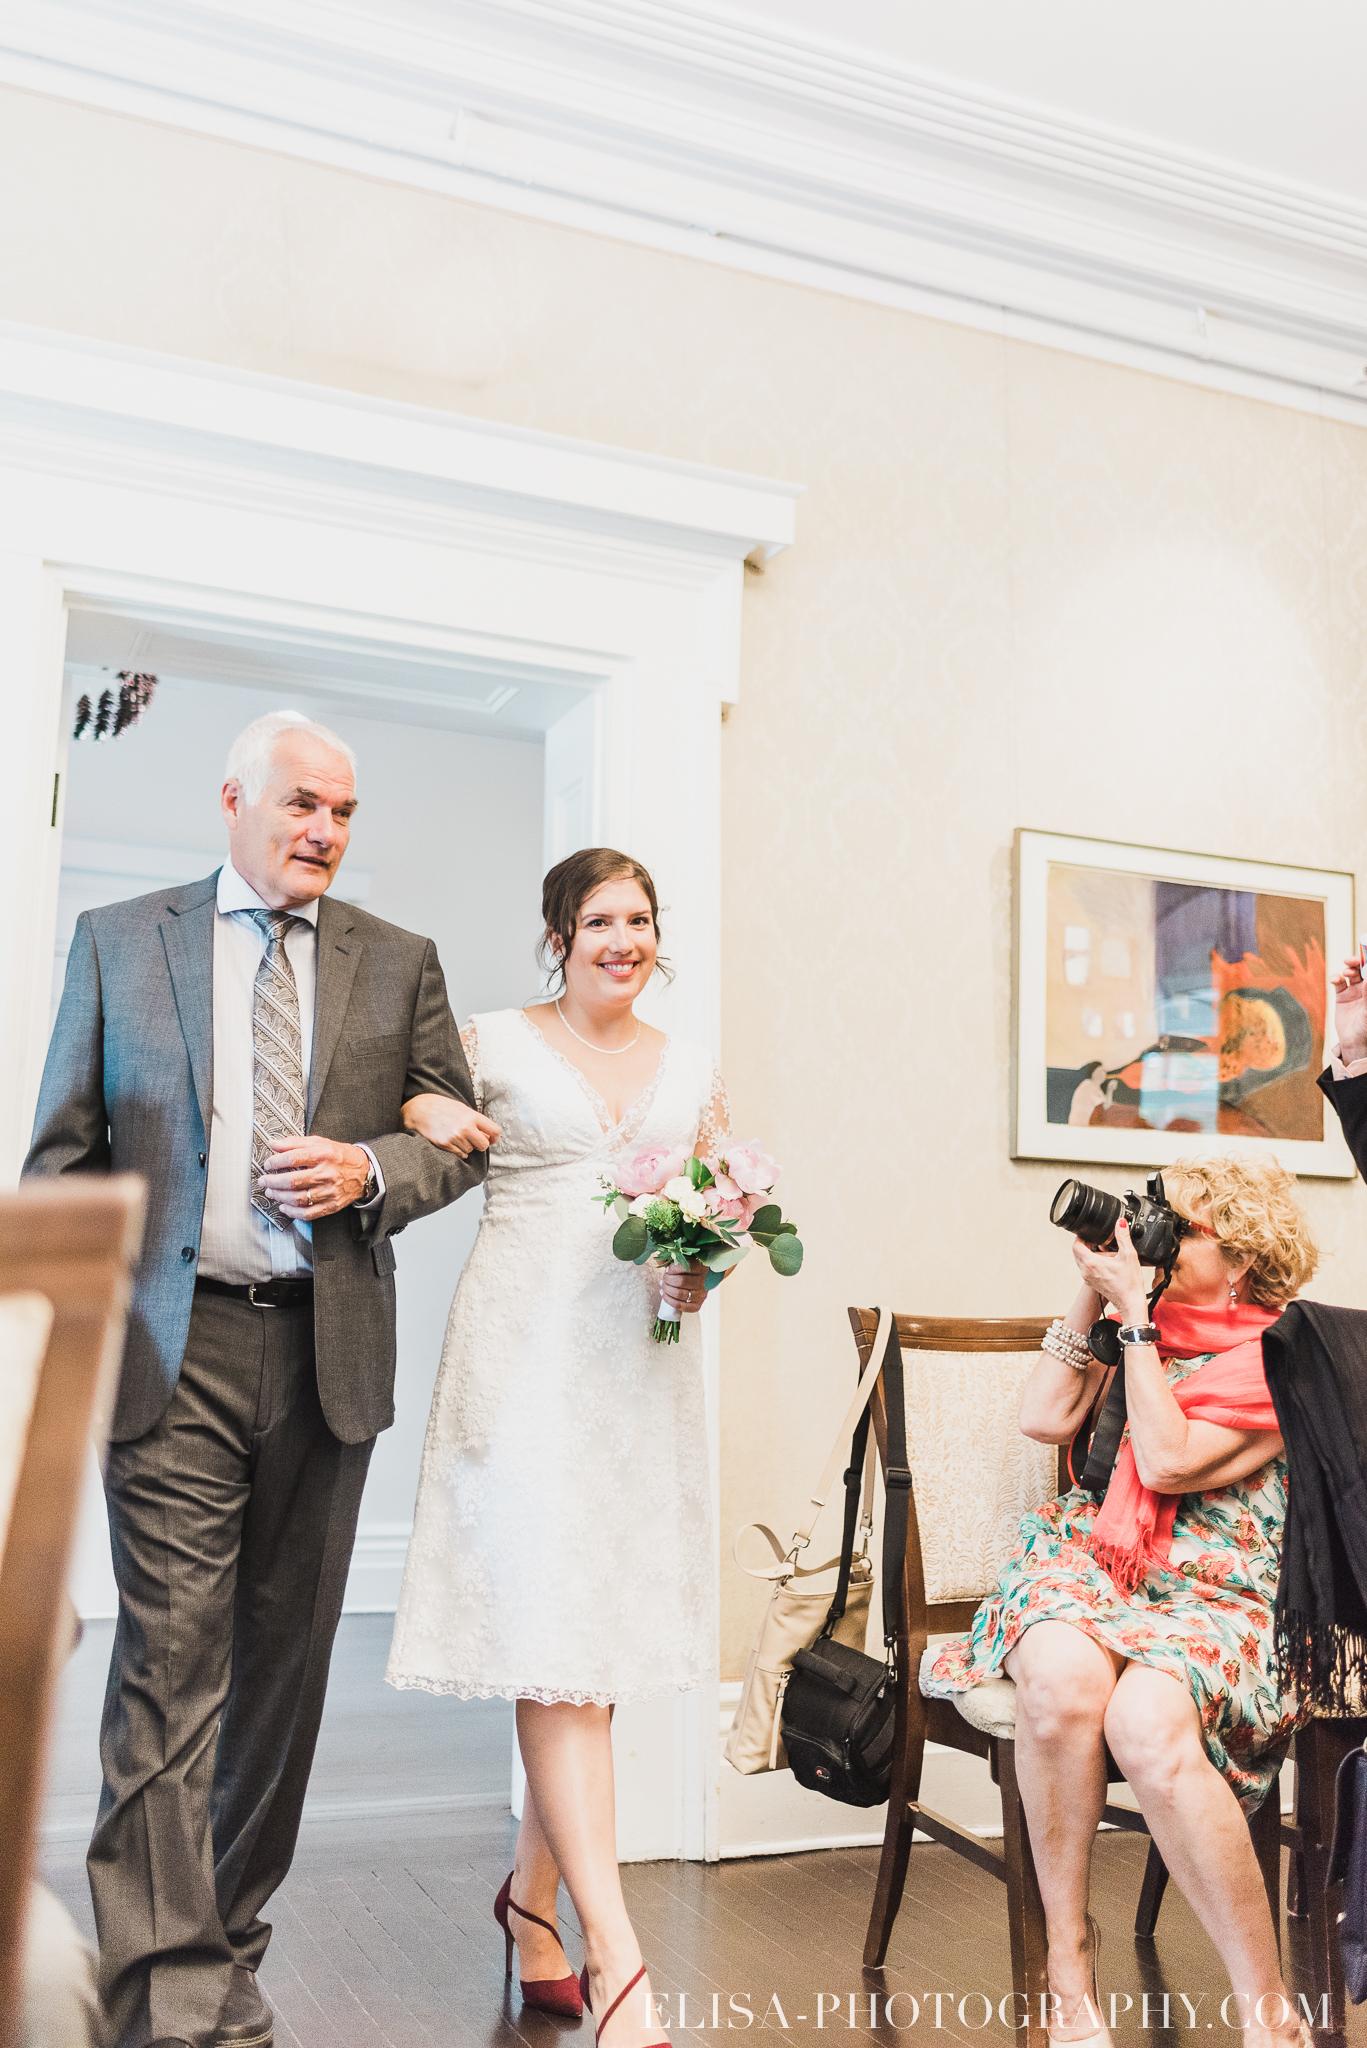 photo mariage domaine cataraqui wedding echange bagues voeux salle ceremonie 2222 - Mariage d'inspiration anglaise au domaine Cataraqui